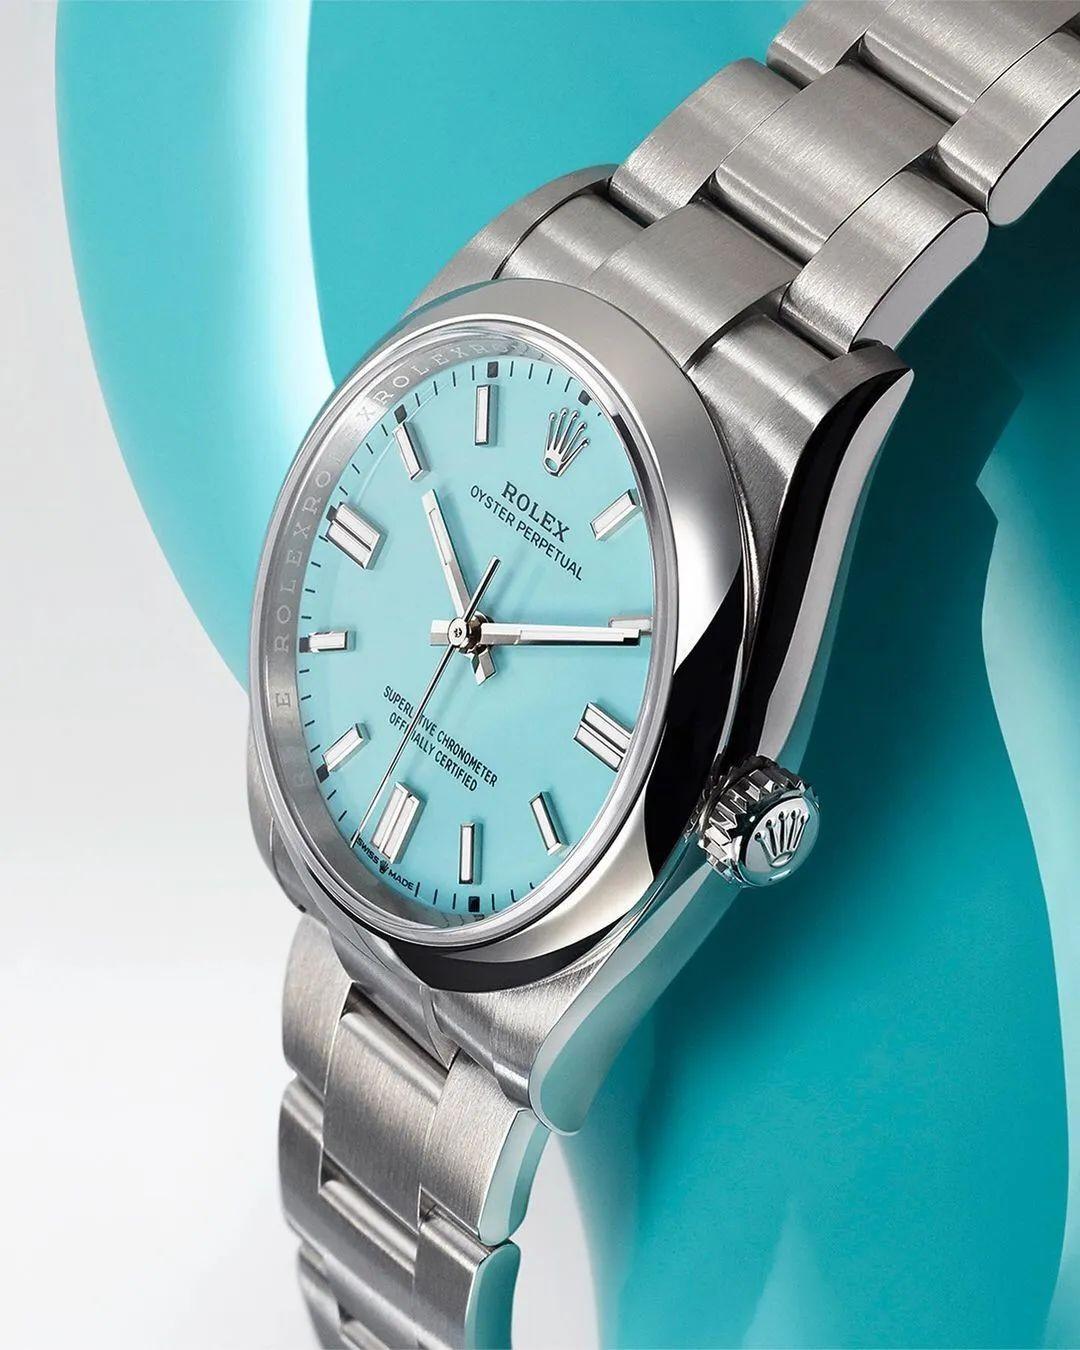 一起来说说 手表的颜色会影响人的心理吗? 表库 第13张